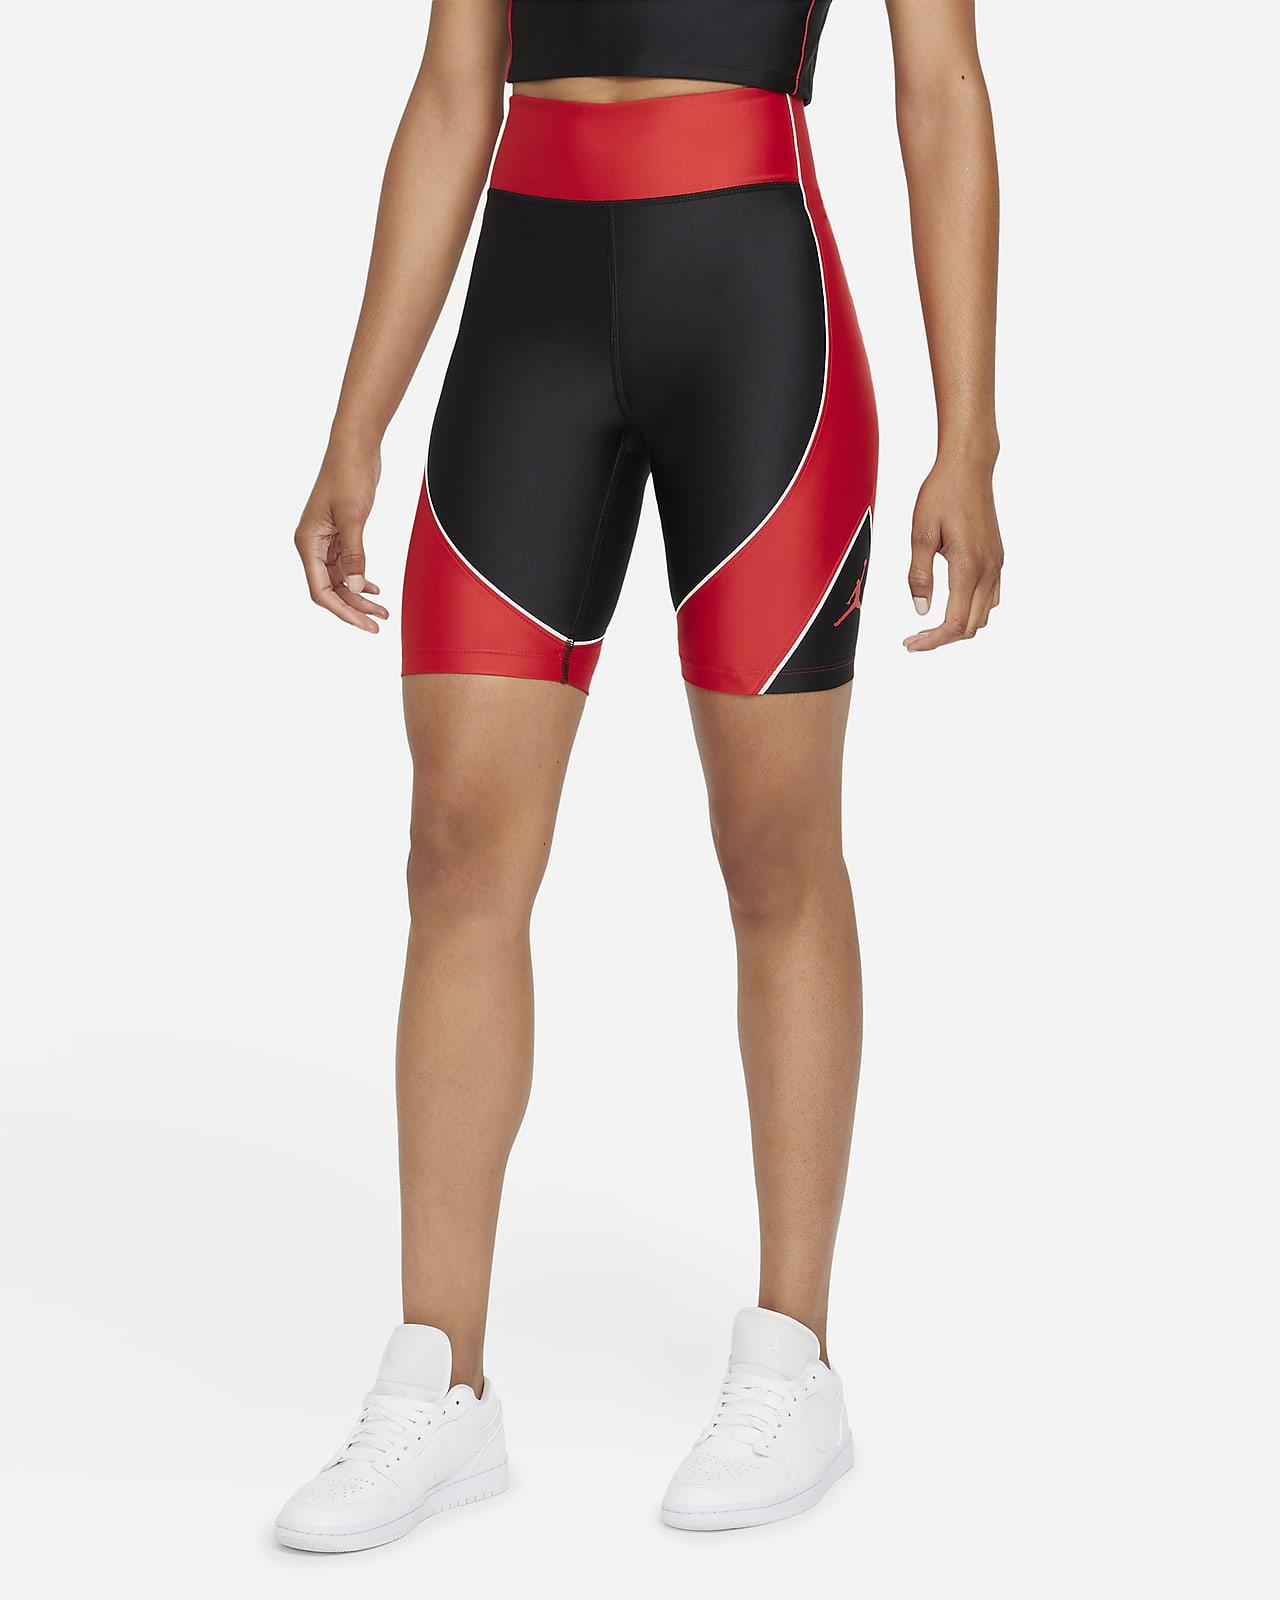 Shorts de ciclismo para mujer Jordan Essential Quai 54